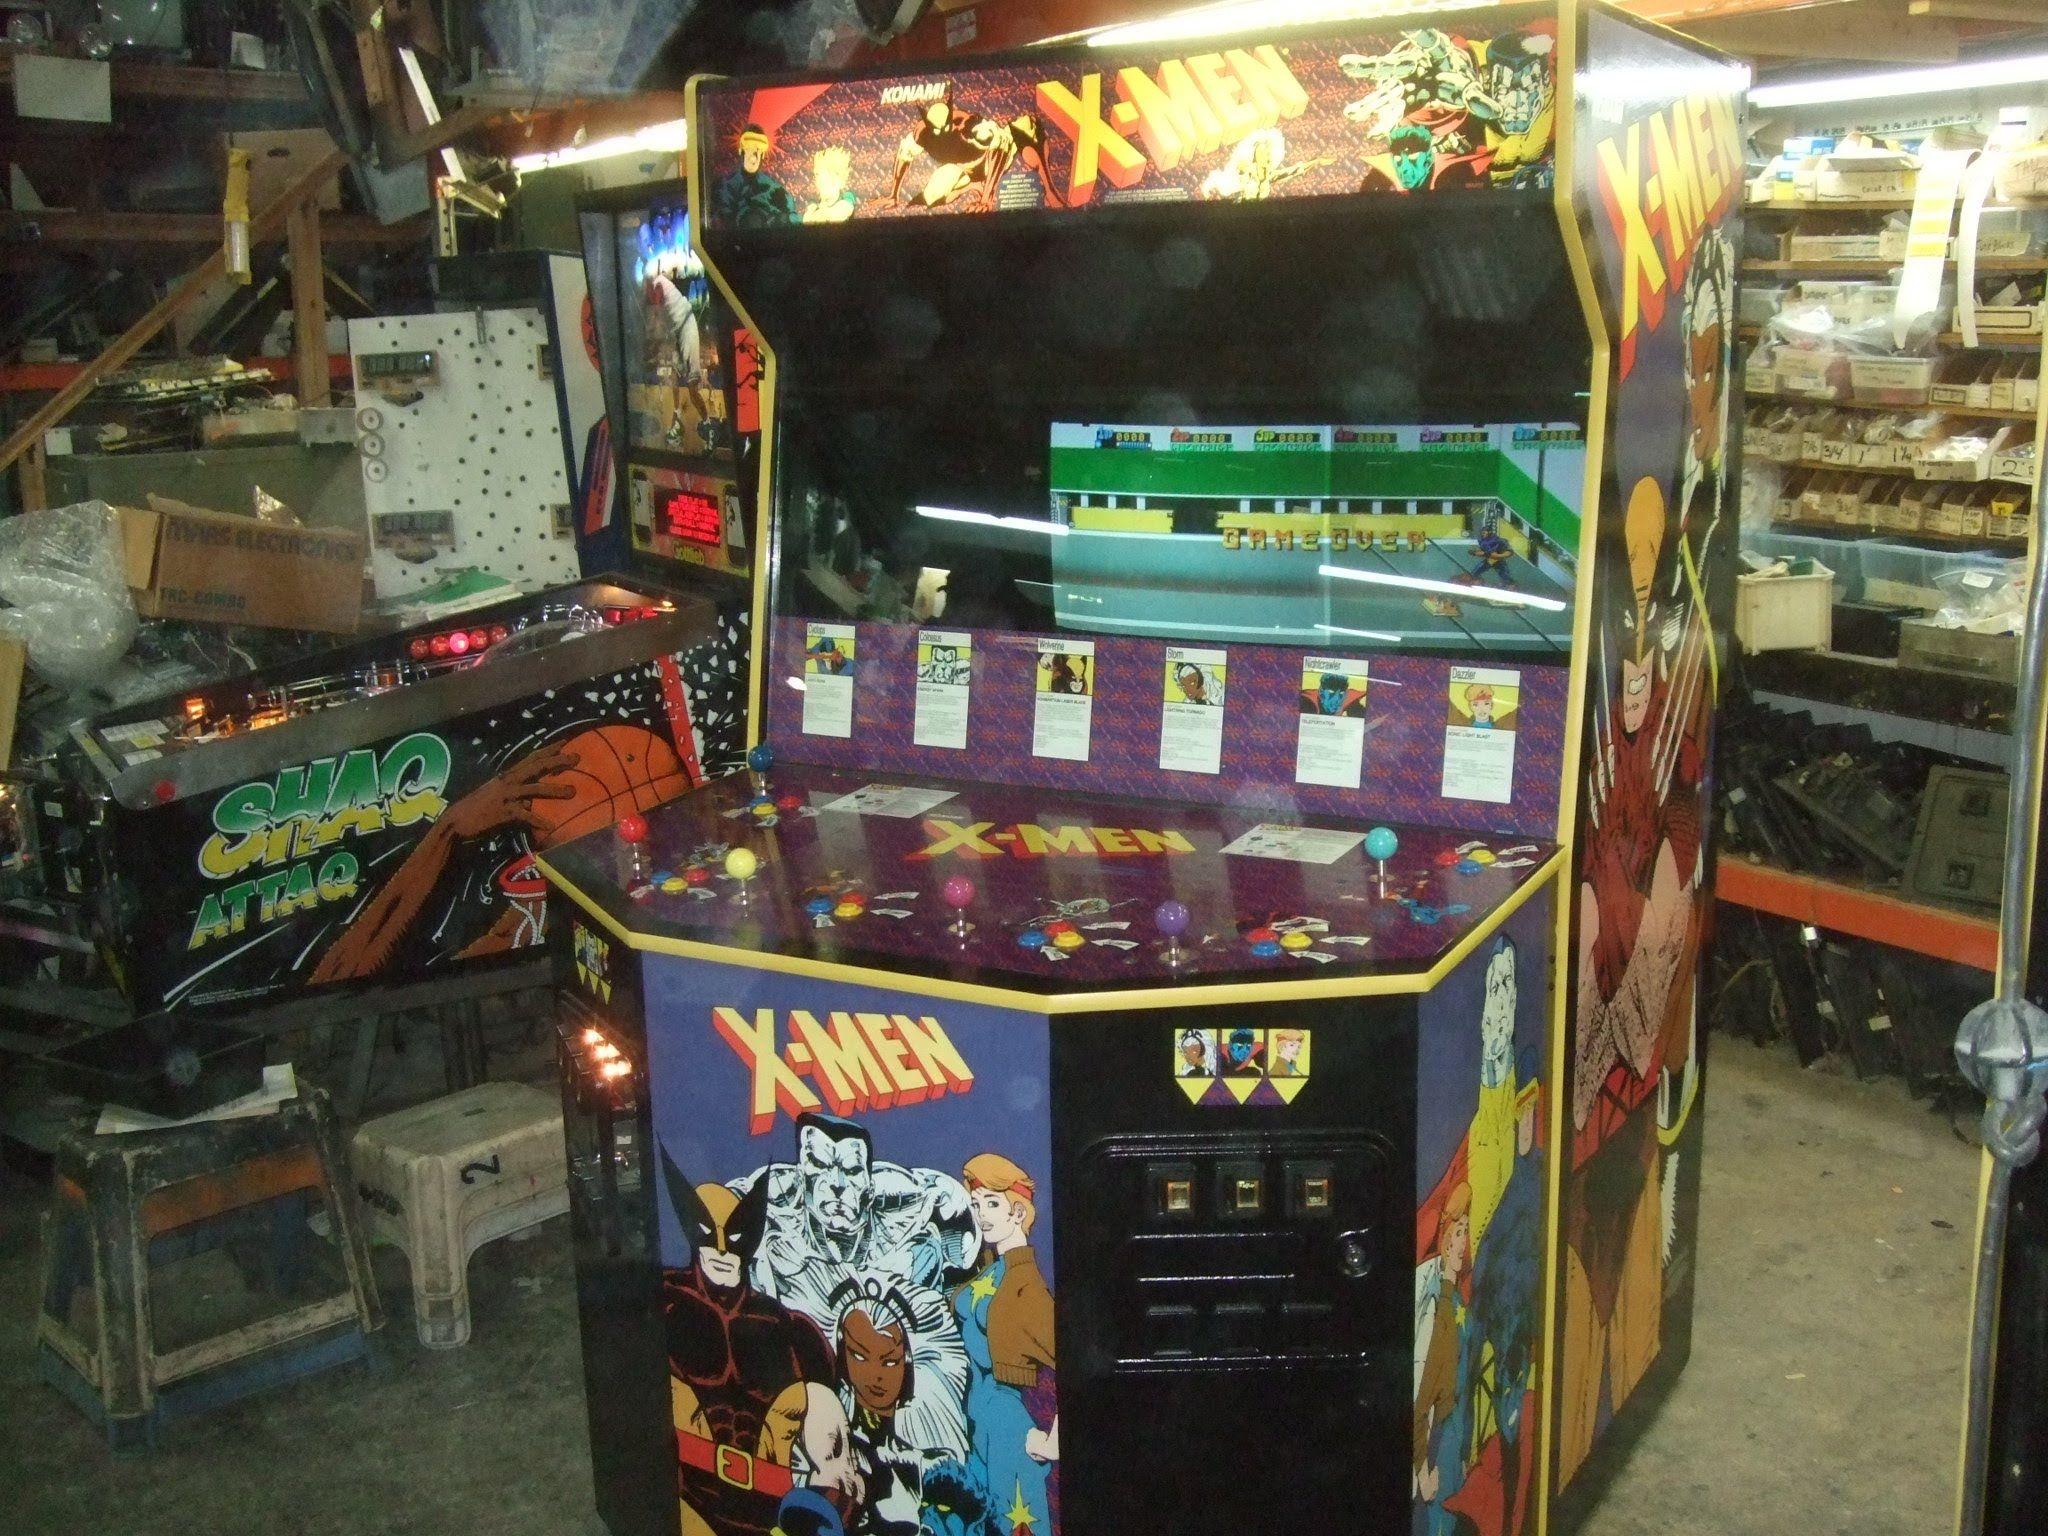 Gigantic Konami X Men 6 Player Arcade Video Game Huge Tnt Amusements Arcade Arcade Video Games Konami